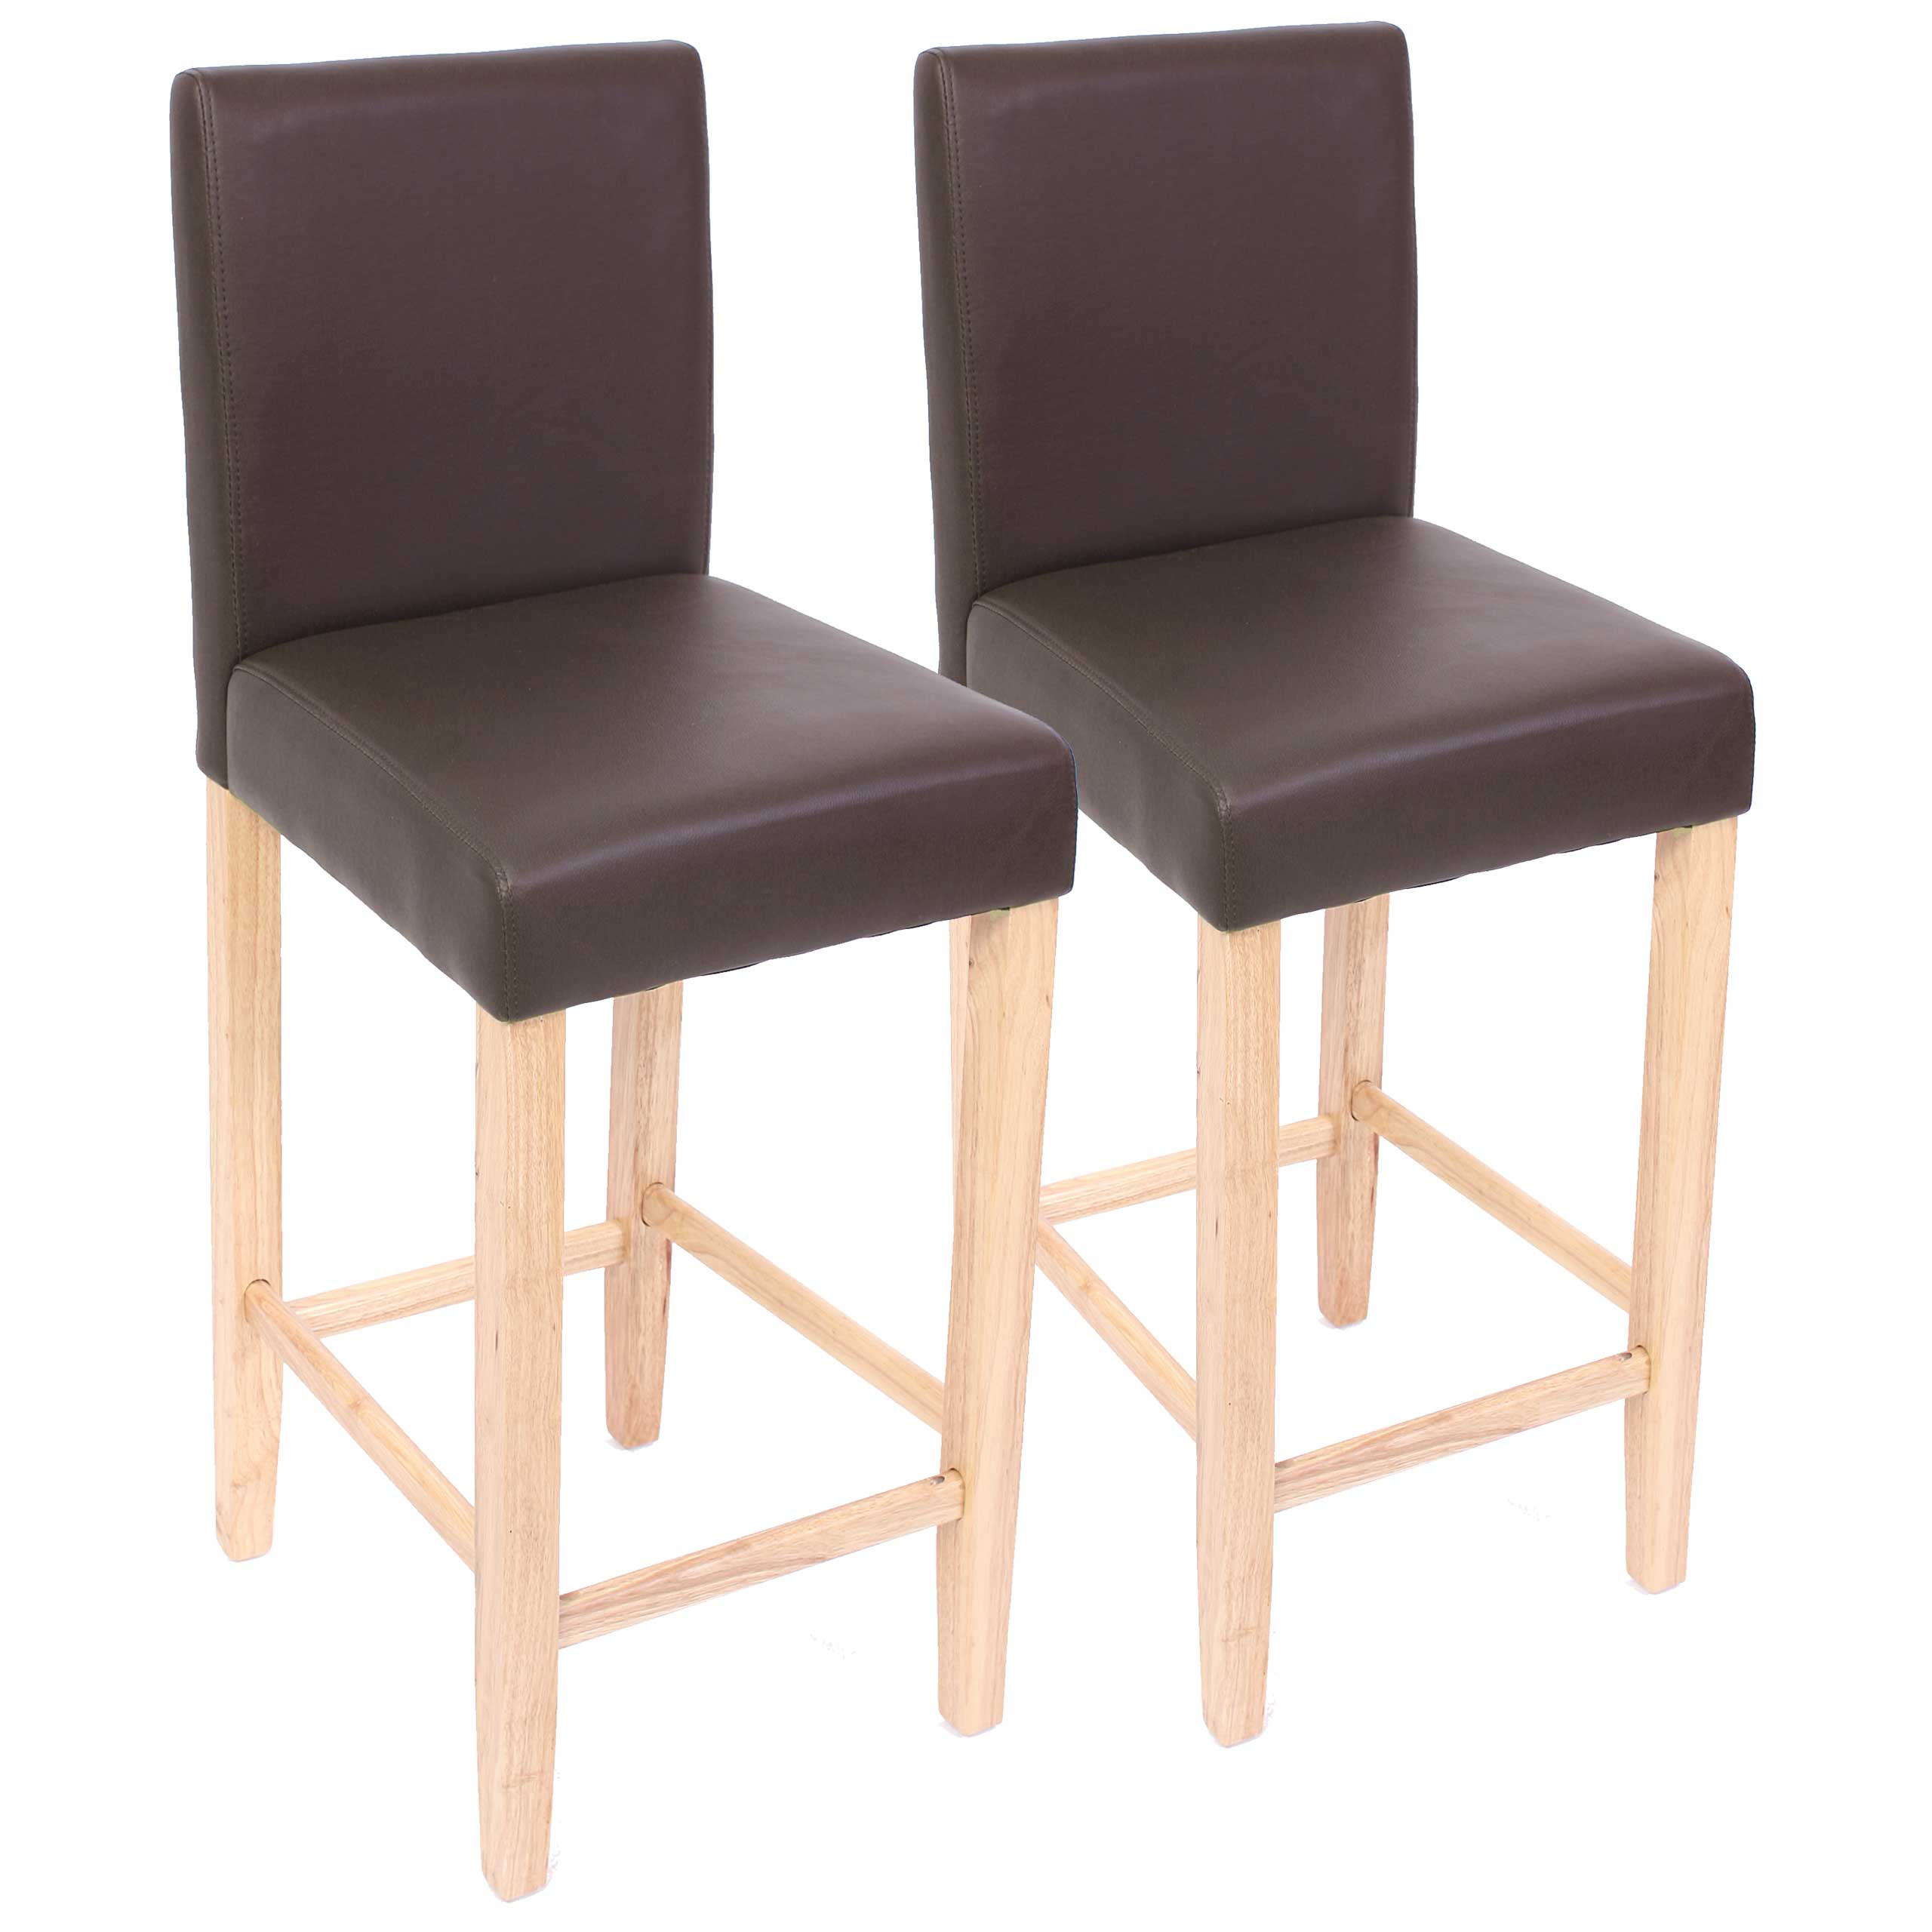 2x barhocker barstuhl tresenhocker bar stuhl m37 leder for Barhocker aus leder